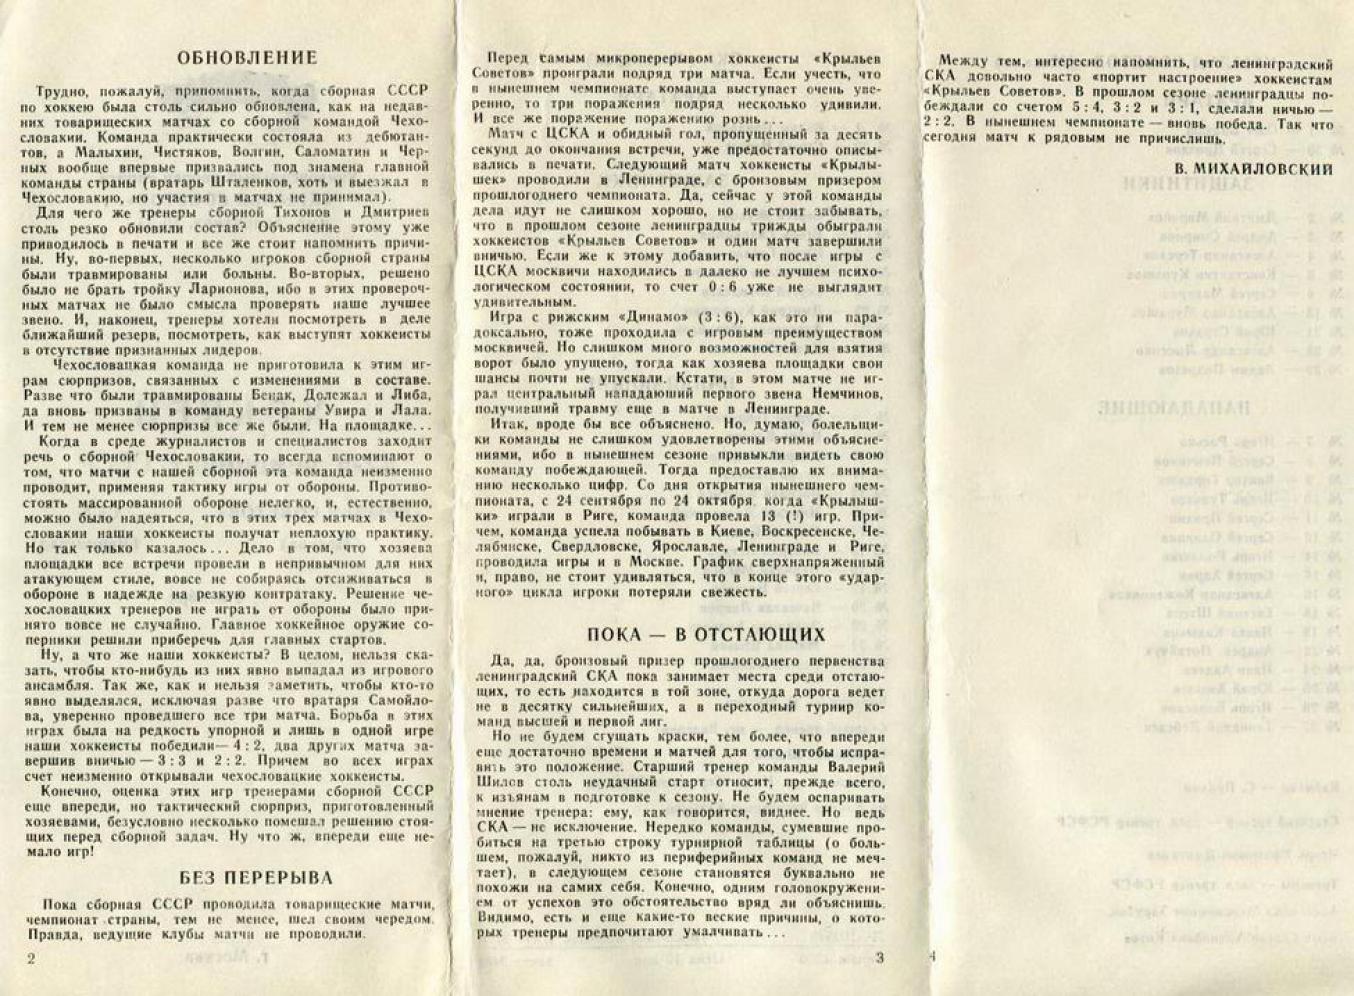 1987.11.05. Крылья Советов - СКА, Ленинград (Чм. СССР)_02.png